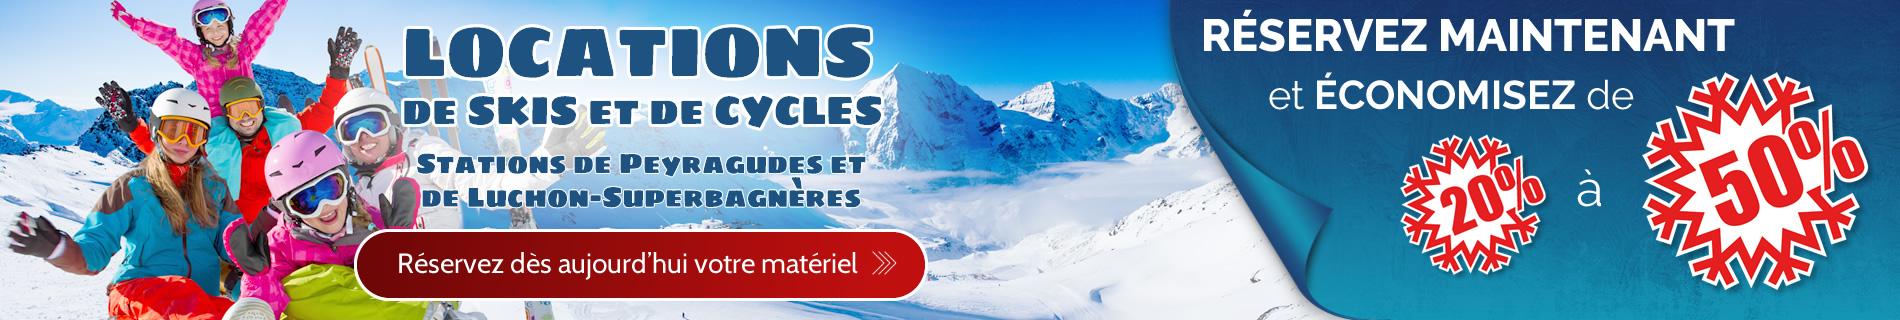 Location Vente D'occasion Ski Intersport De Matériel Et Luchon rq7rt6